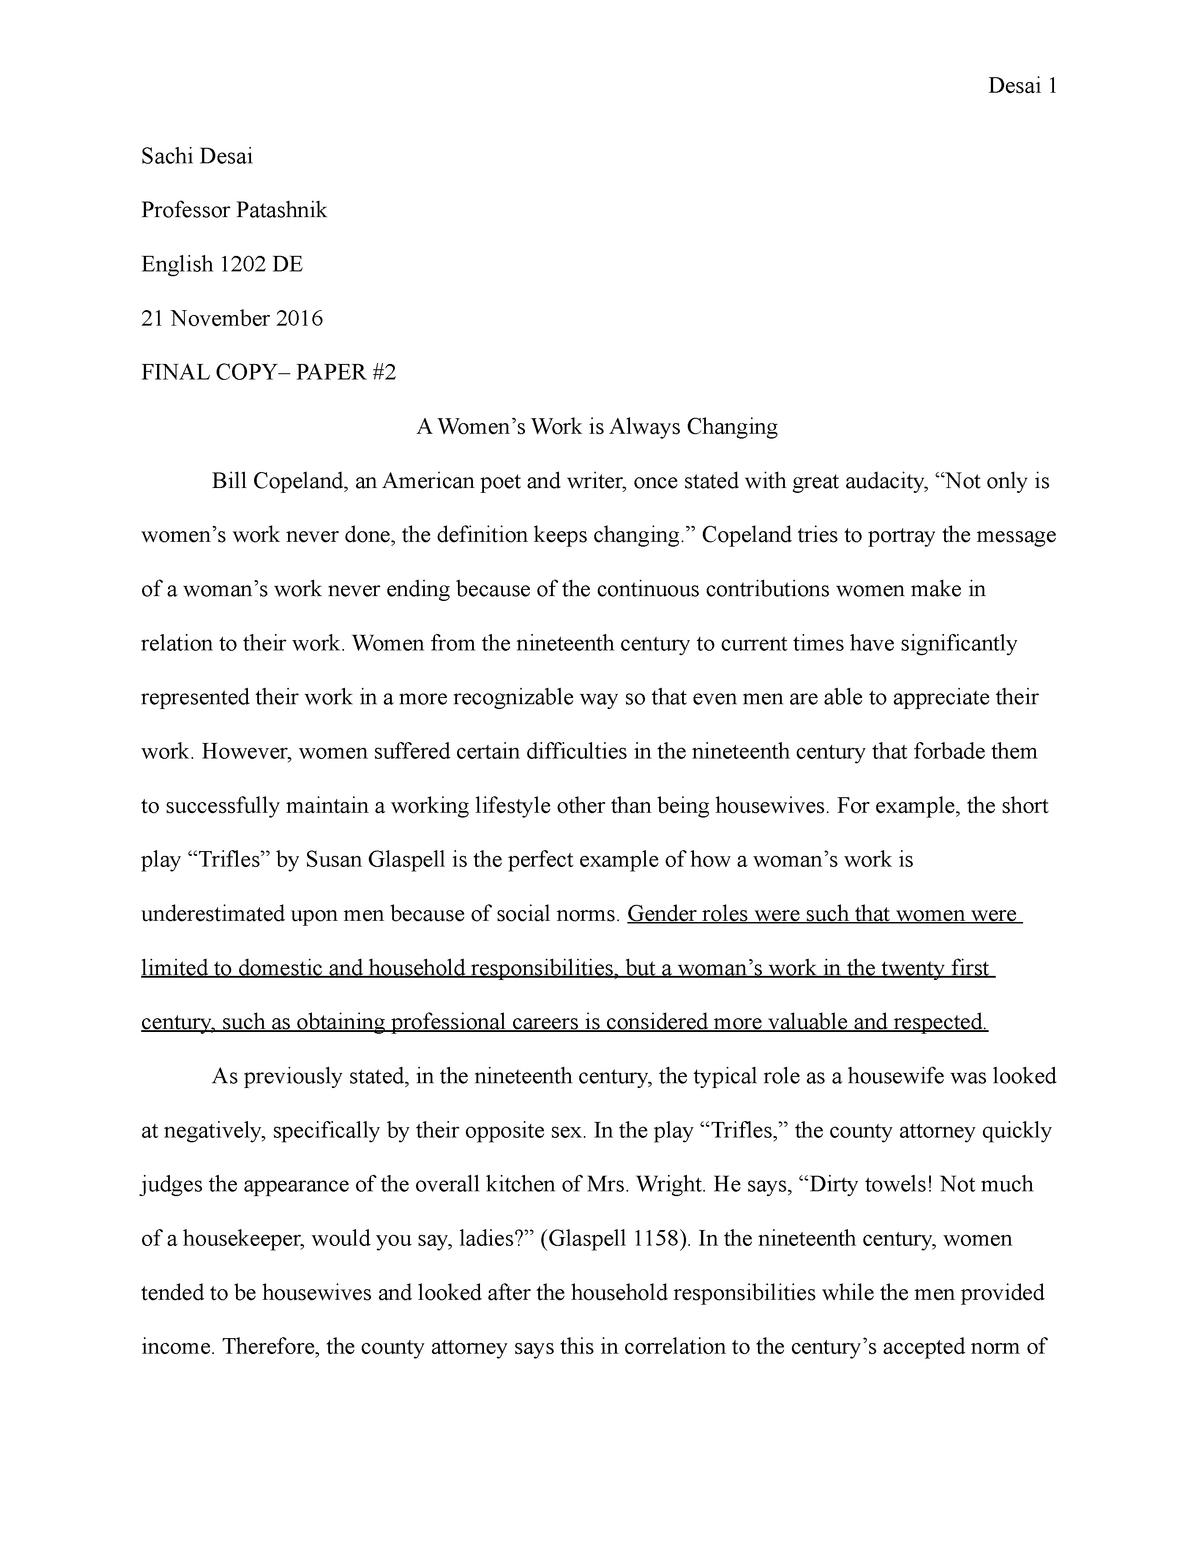 Trifle susan glaspell essay popular phd essay editor site usa